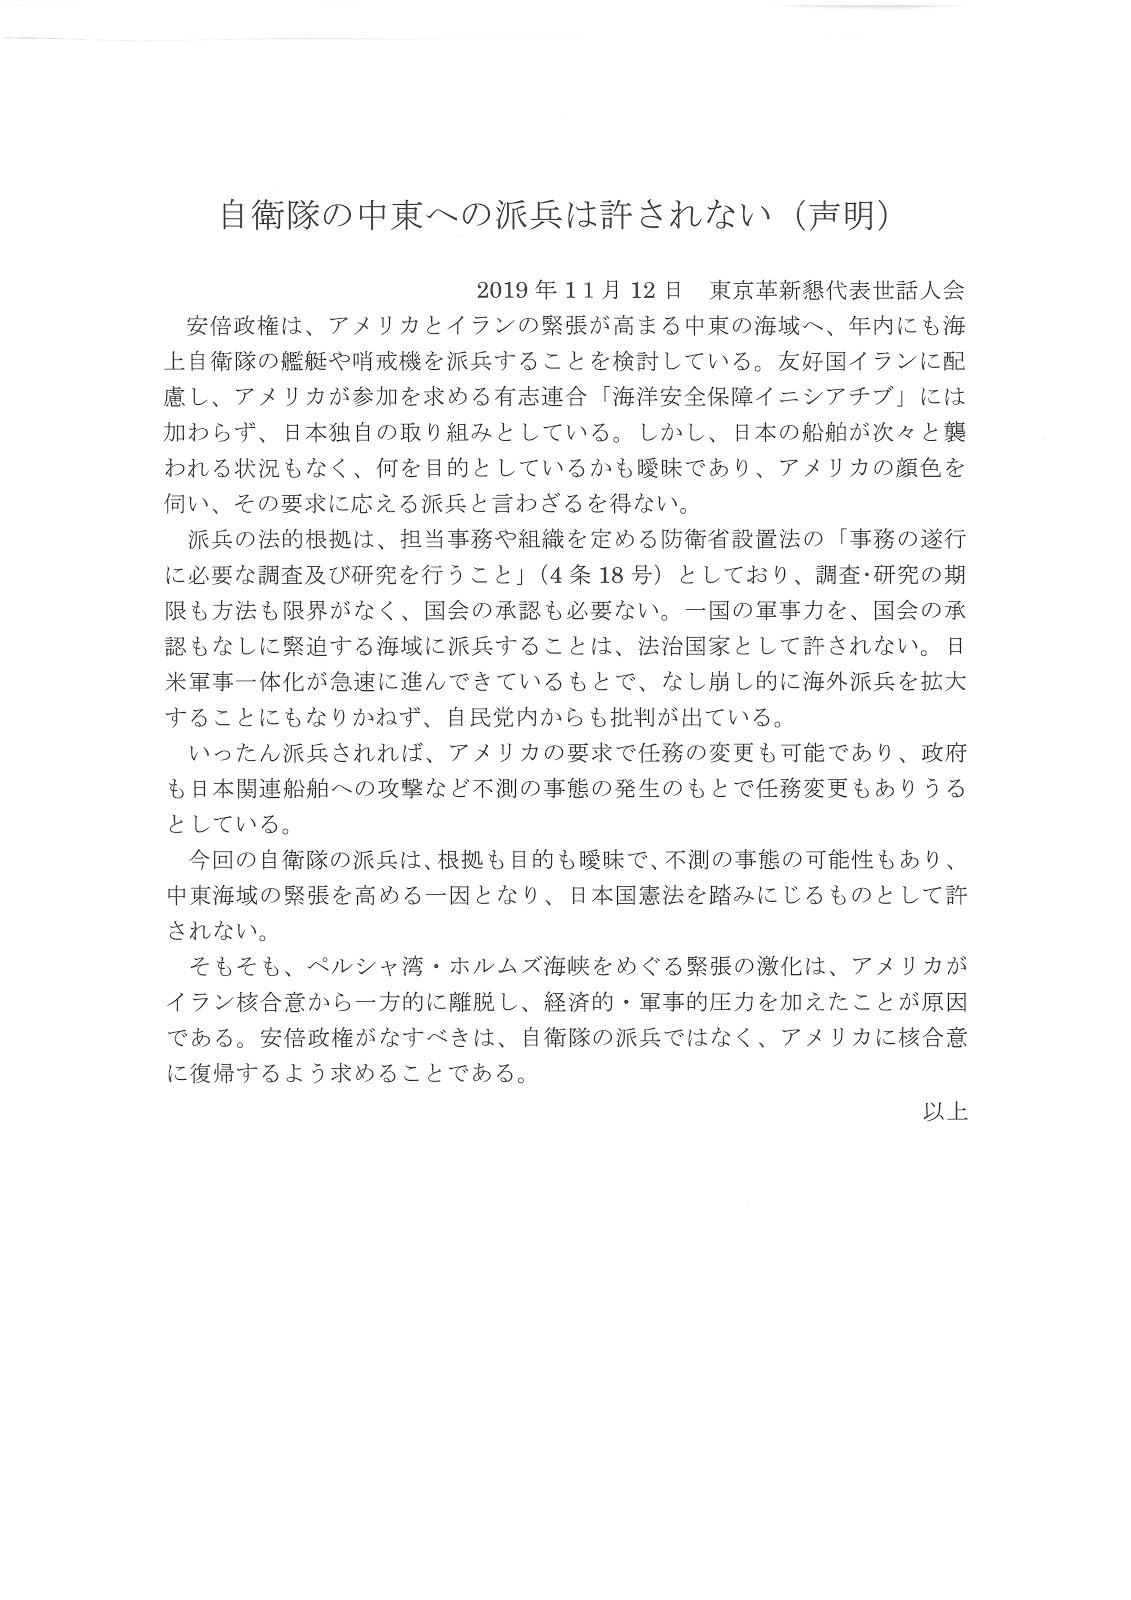 「自衛隊の中東への派兵は許されない」11月12日、東京革新懇が声明